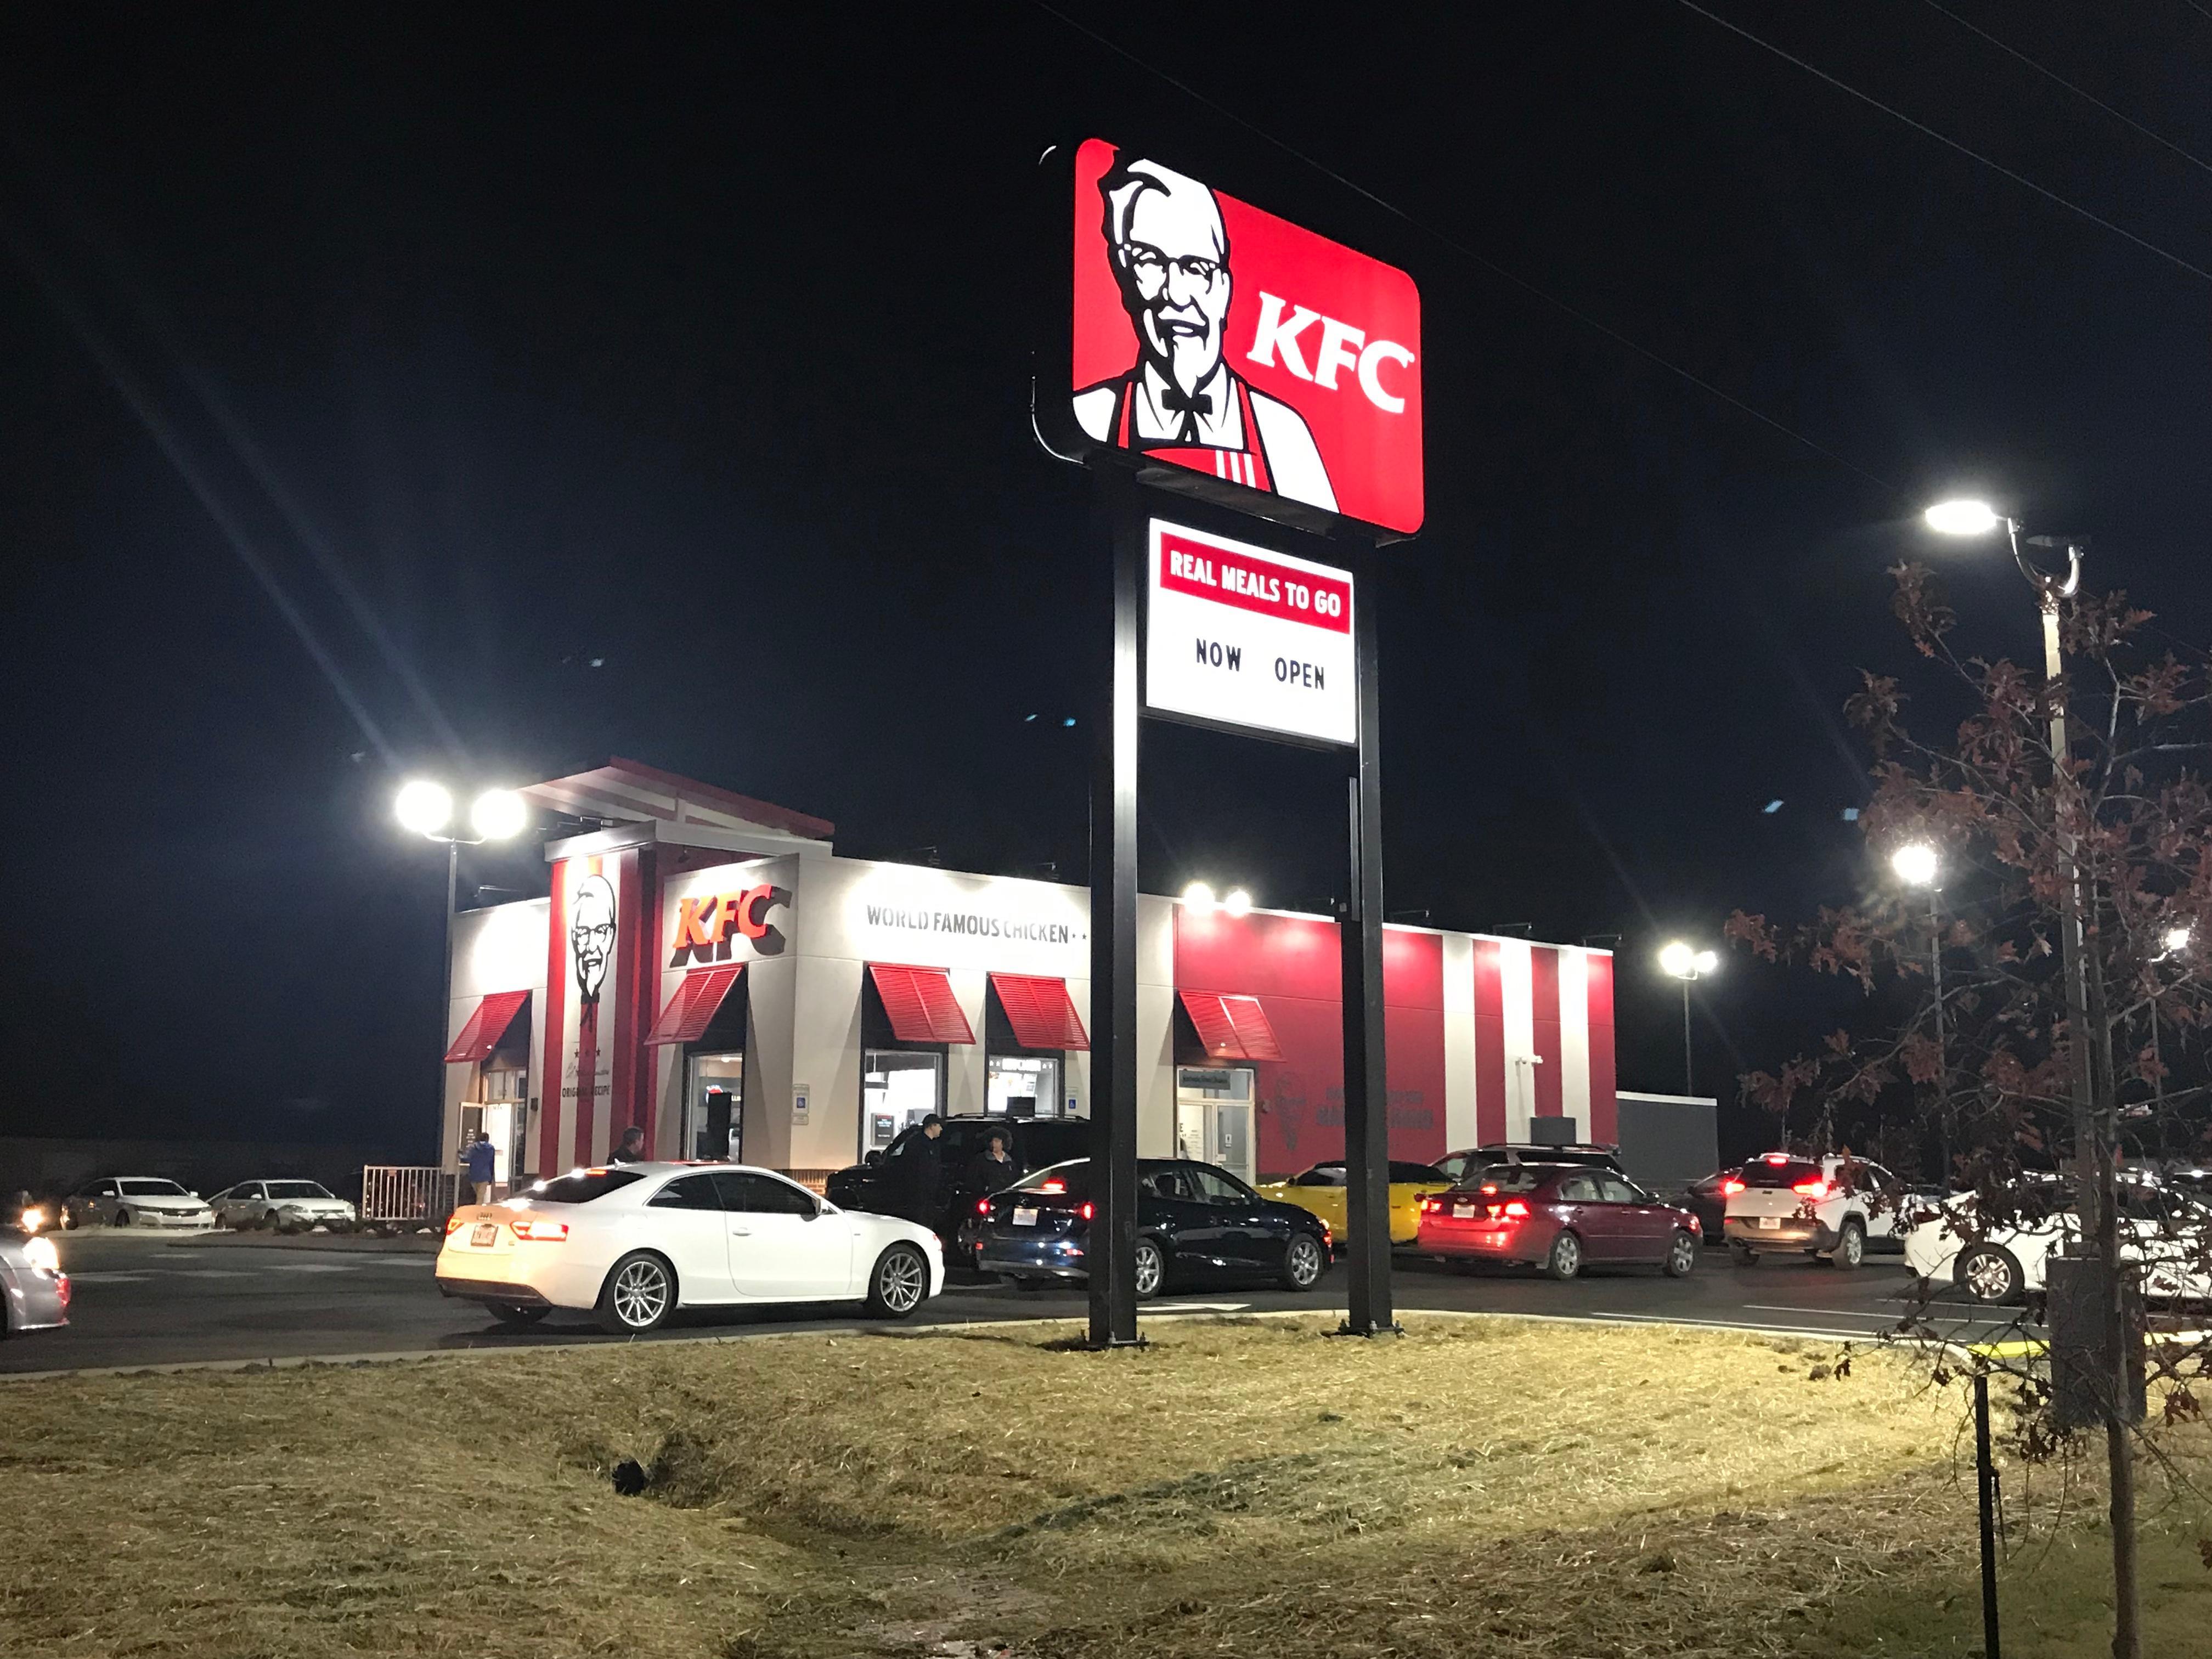 KFC image 0